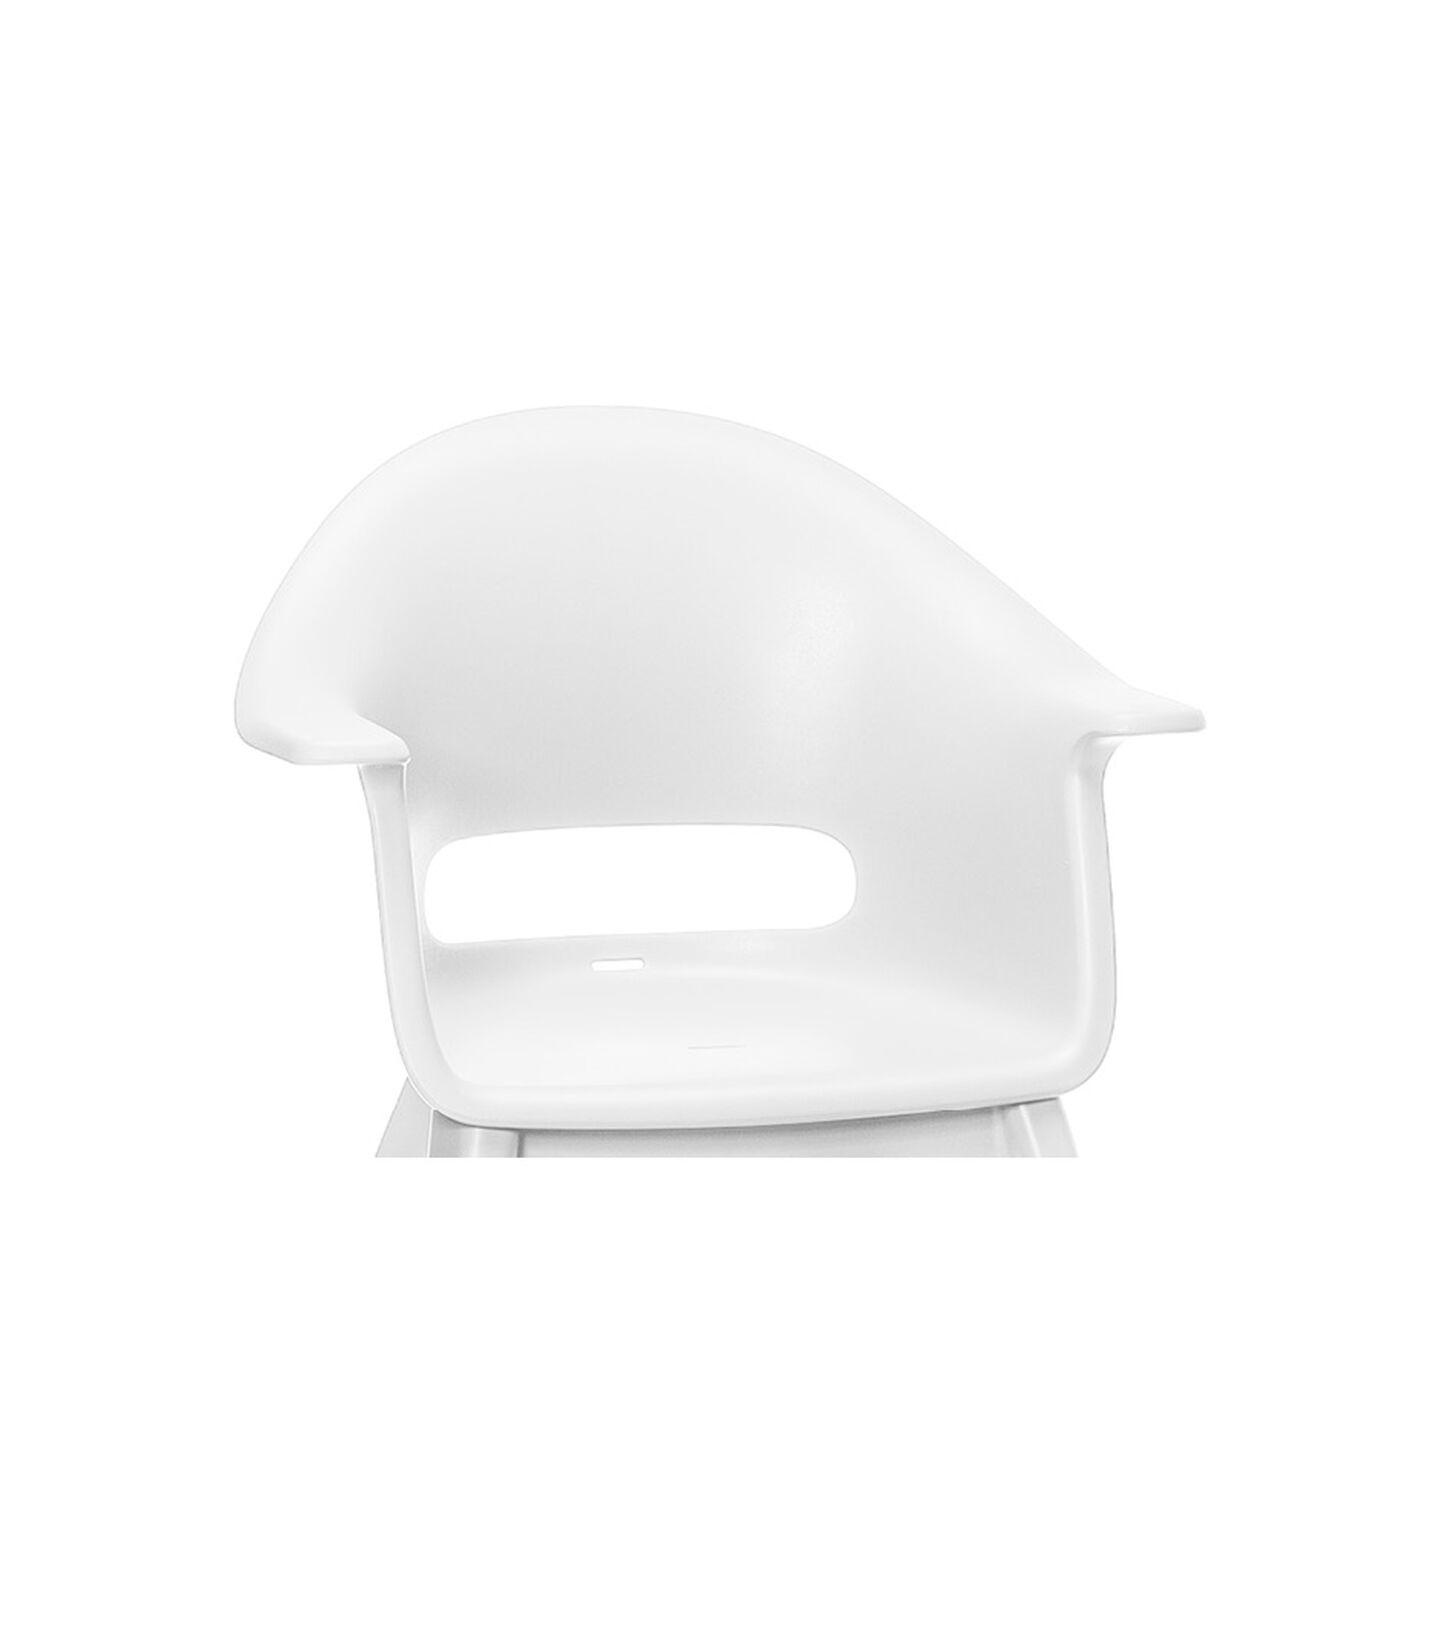 Stokke® Clikk™ Seggiolino White, Bianco, mainview view 1